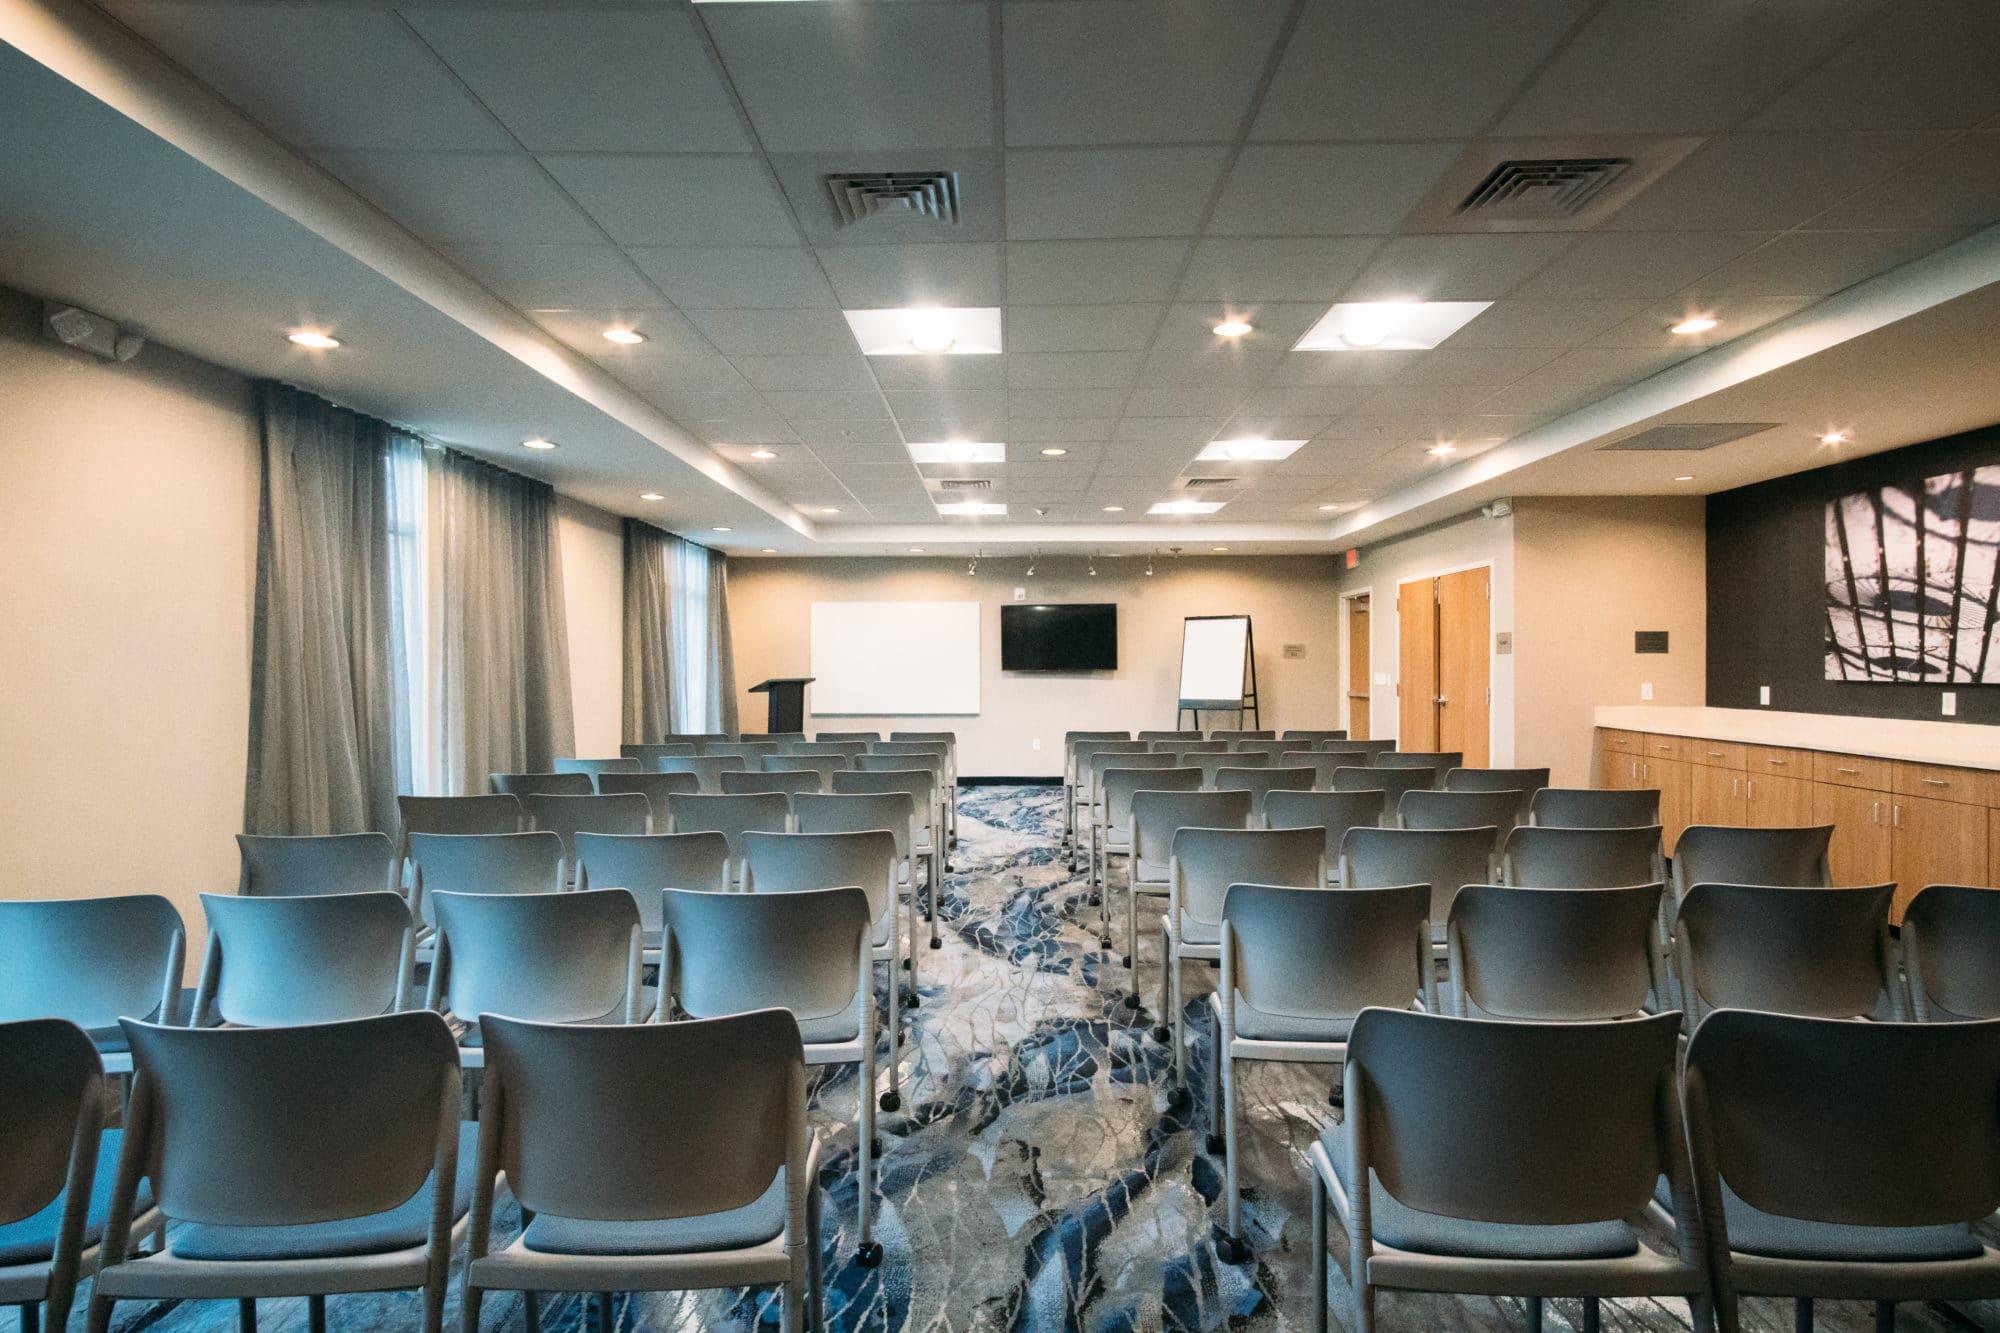 Fairfield Inn & Suites Wesley Chapel Tampa Florida meeting room